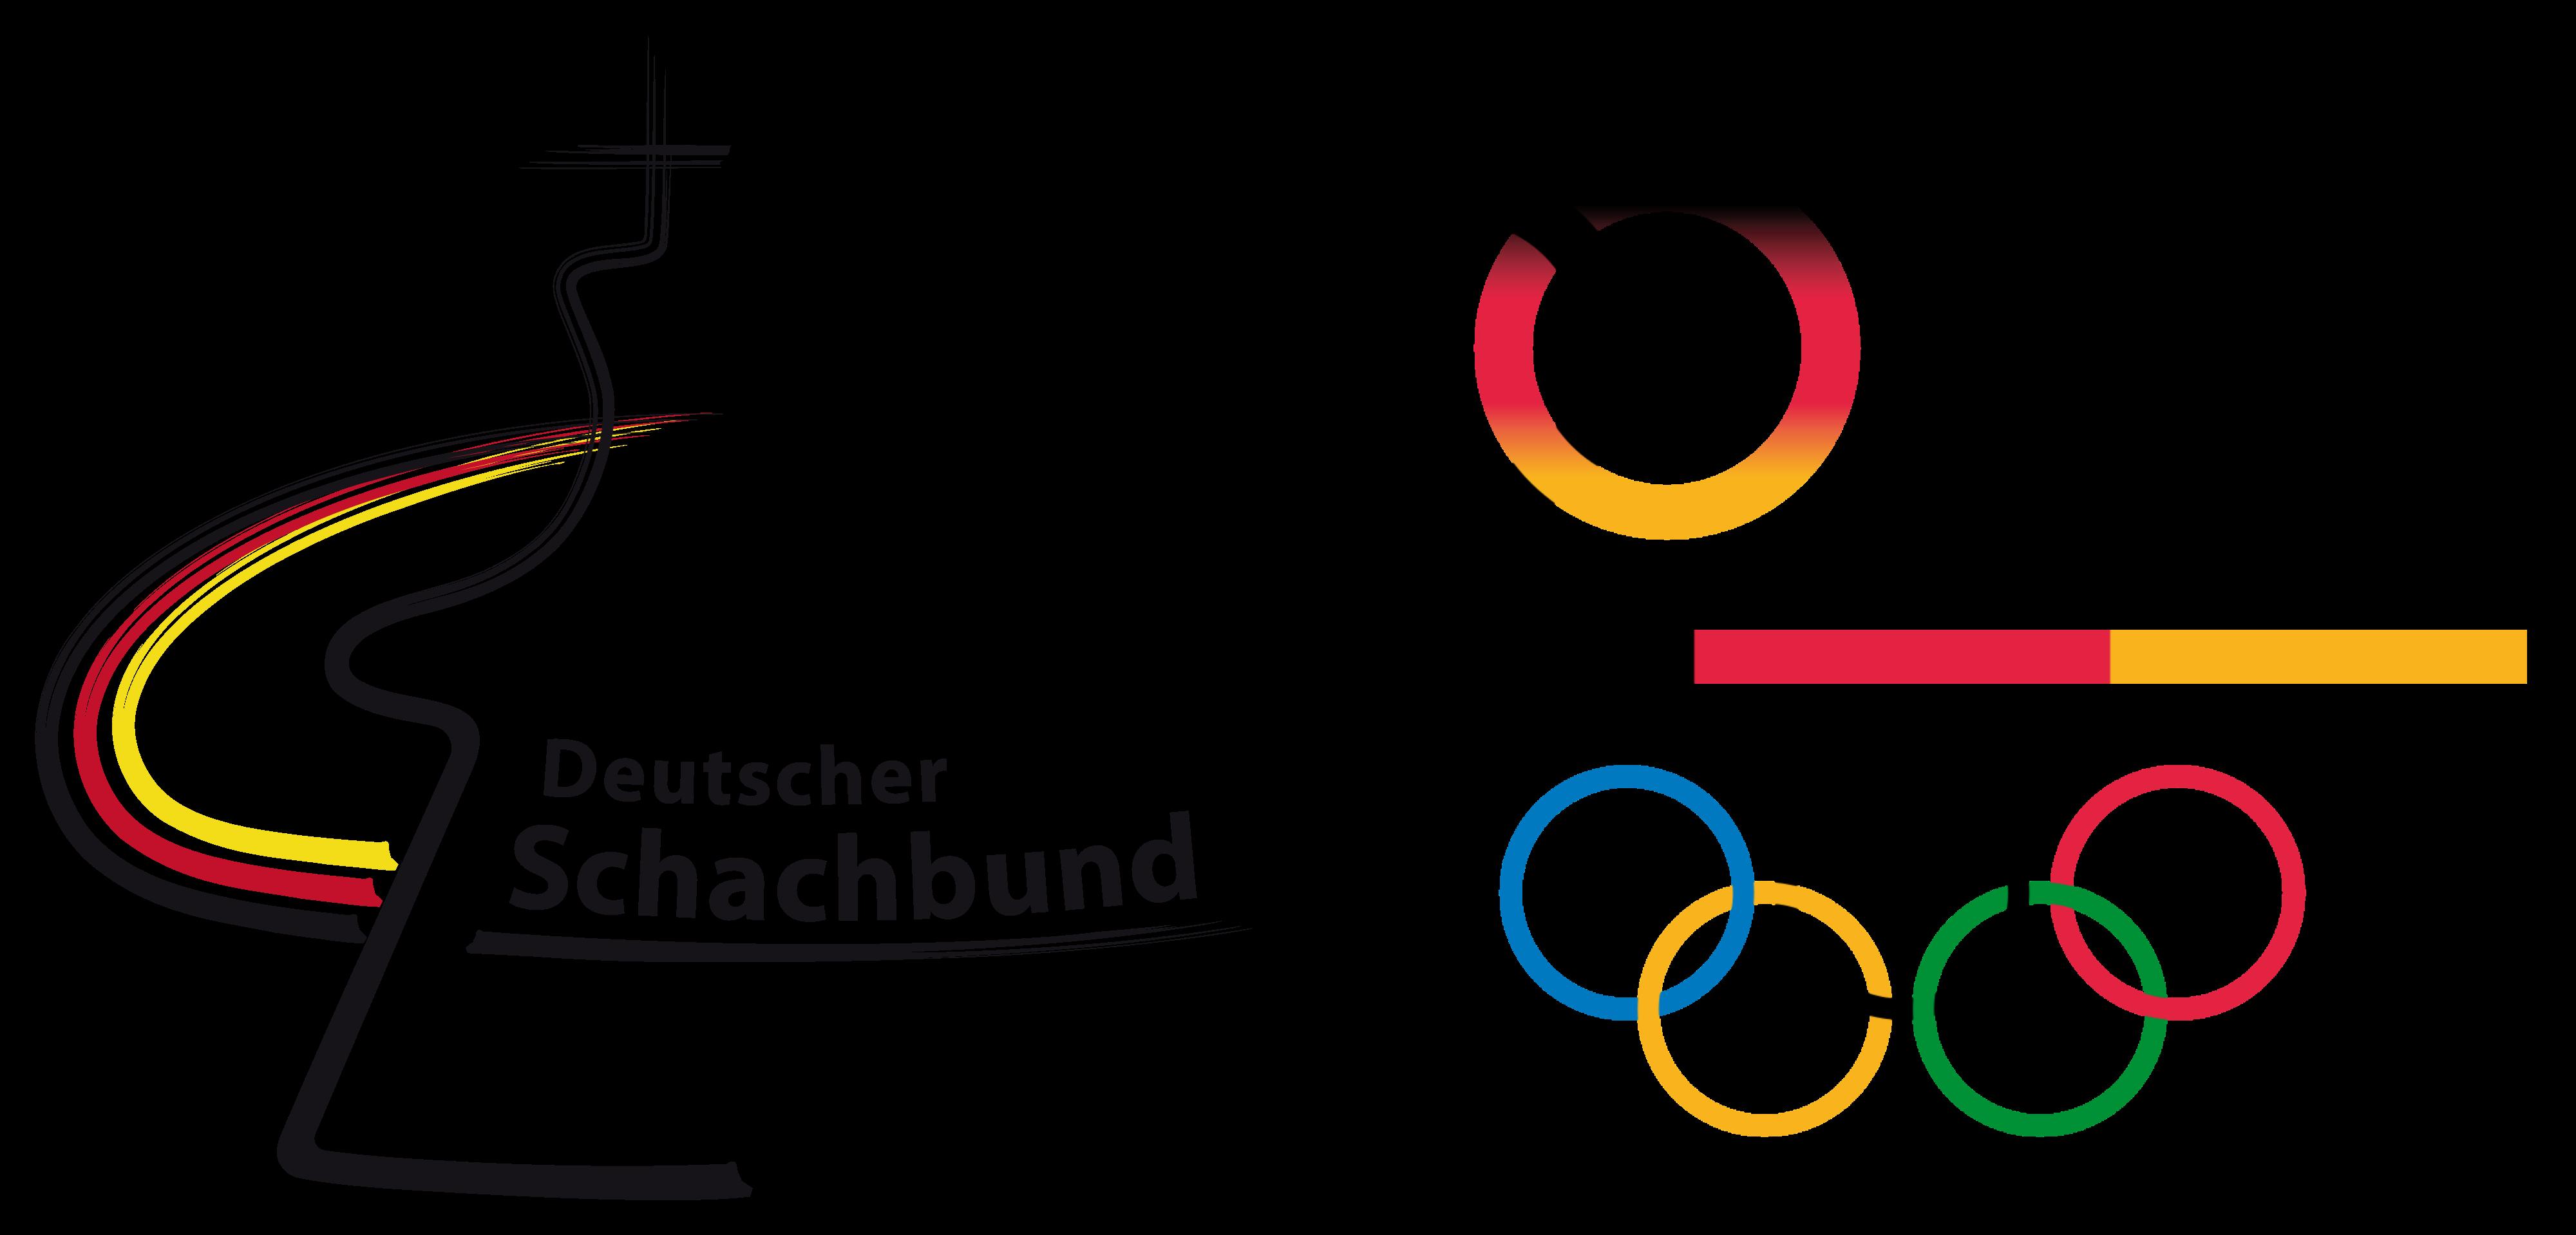 Heute Fand In Frankfurt/Main Wegen Der Vom BMI Gestrichenen Fördergelder  Ein Gespräch Von Vertretern Des Deutschen Schachbundes Mit Dem DOSB Statt. - Dosb PNG